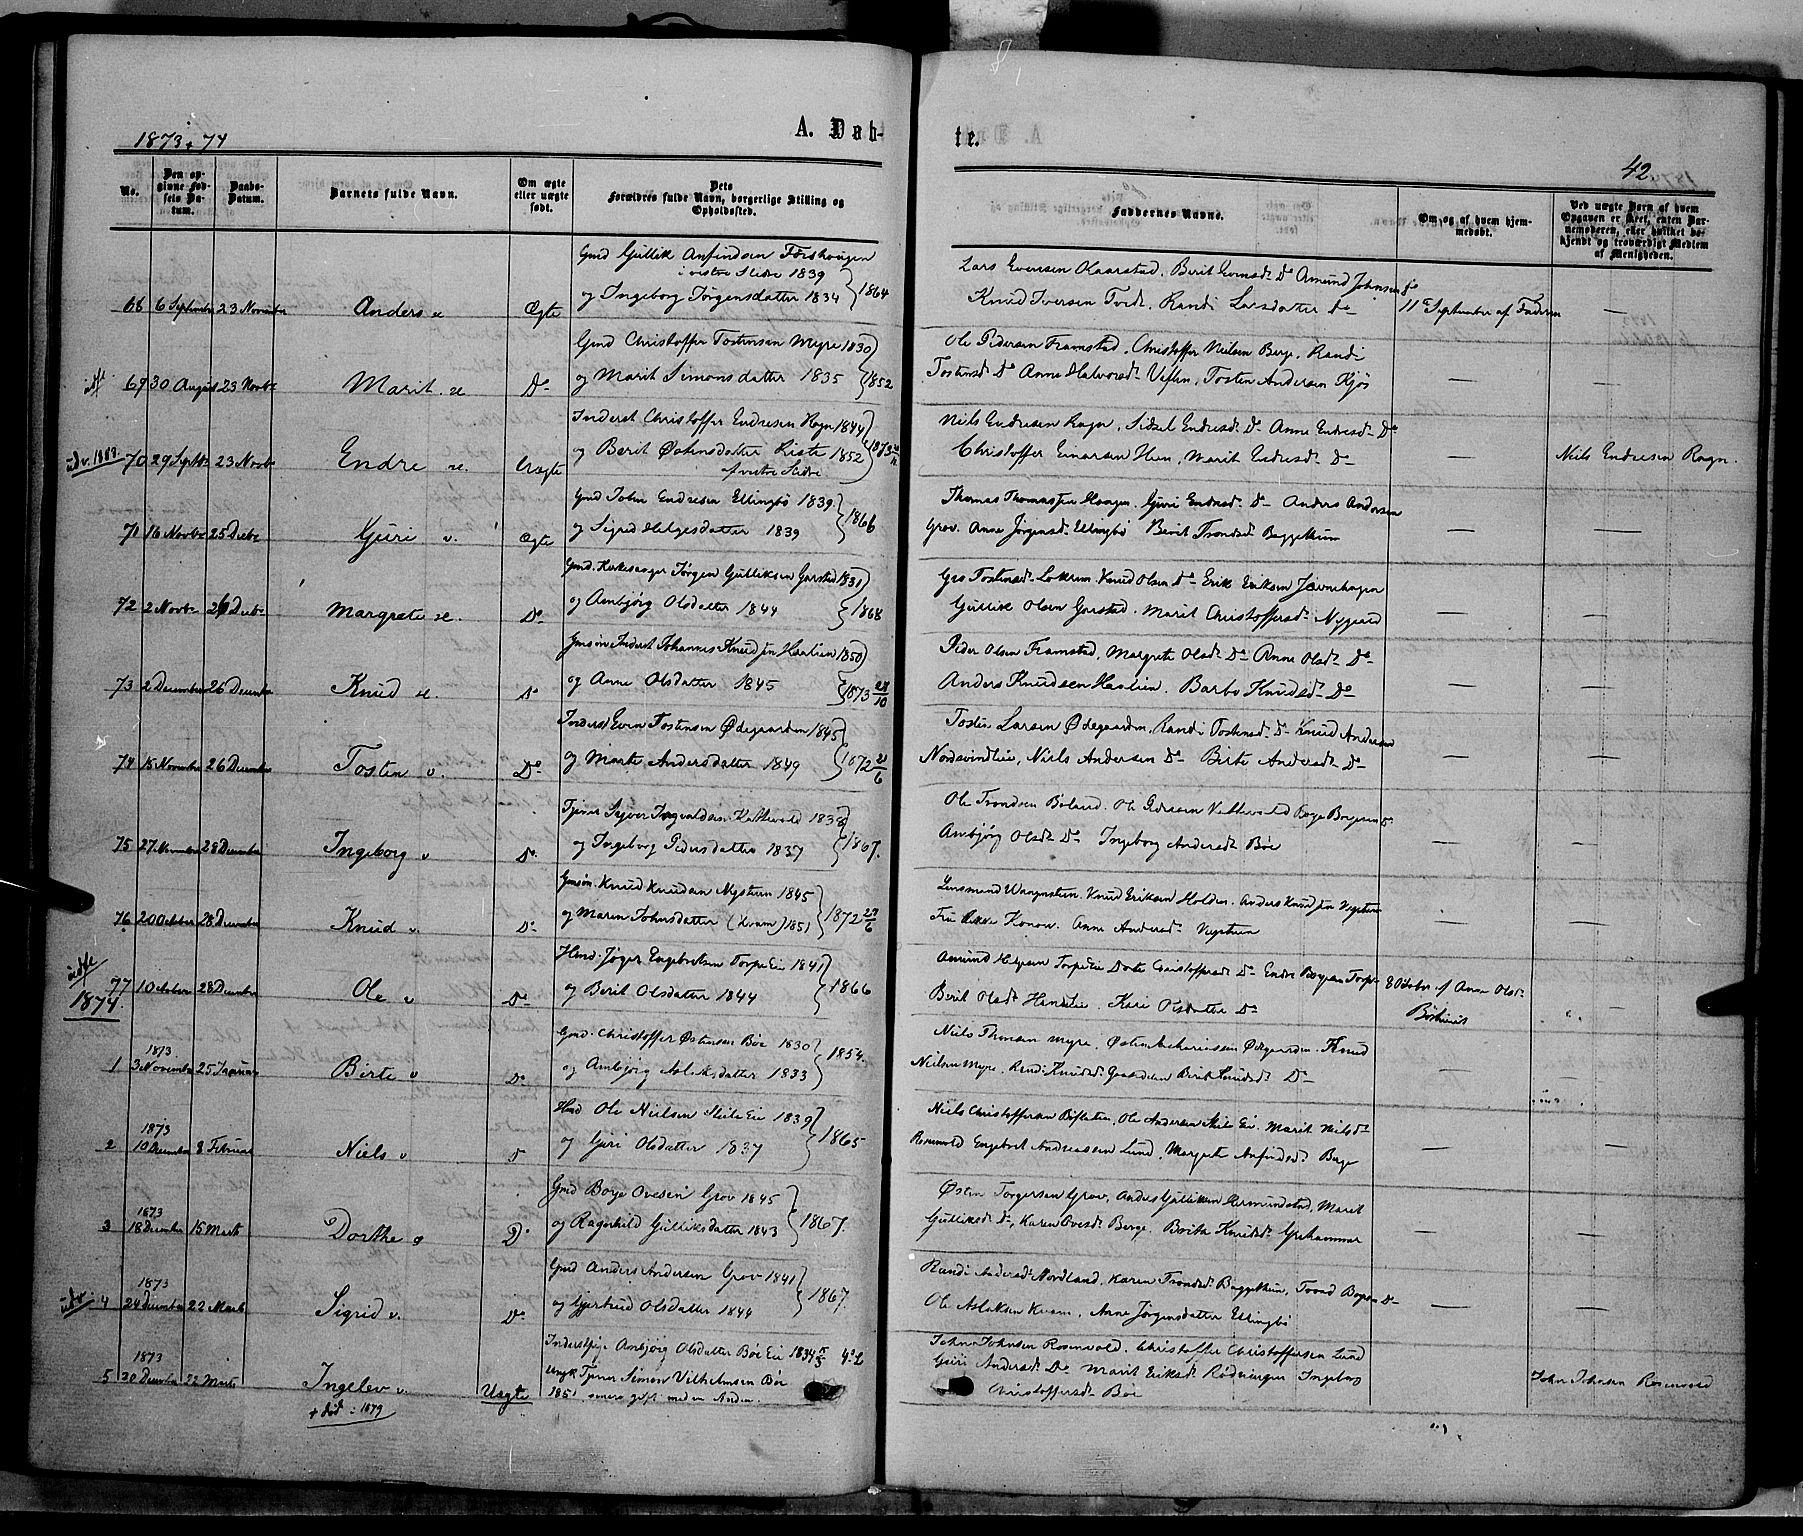 SAH, Vang prestekontor, Valdres, Ministerialbok nr. 7, 1865-1881, s. 42